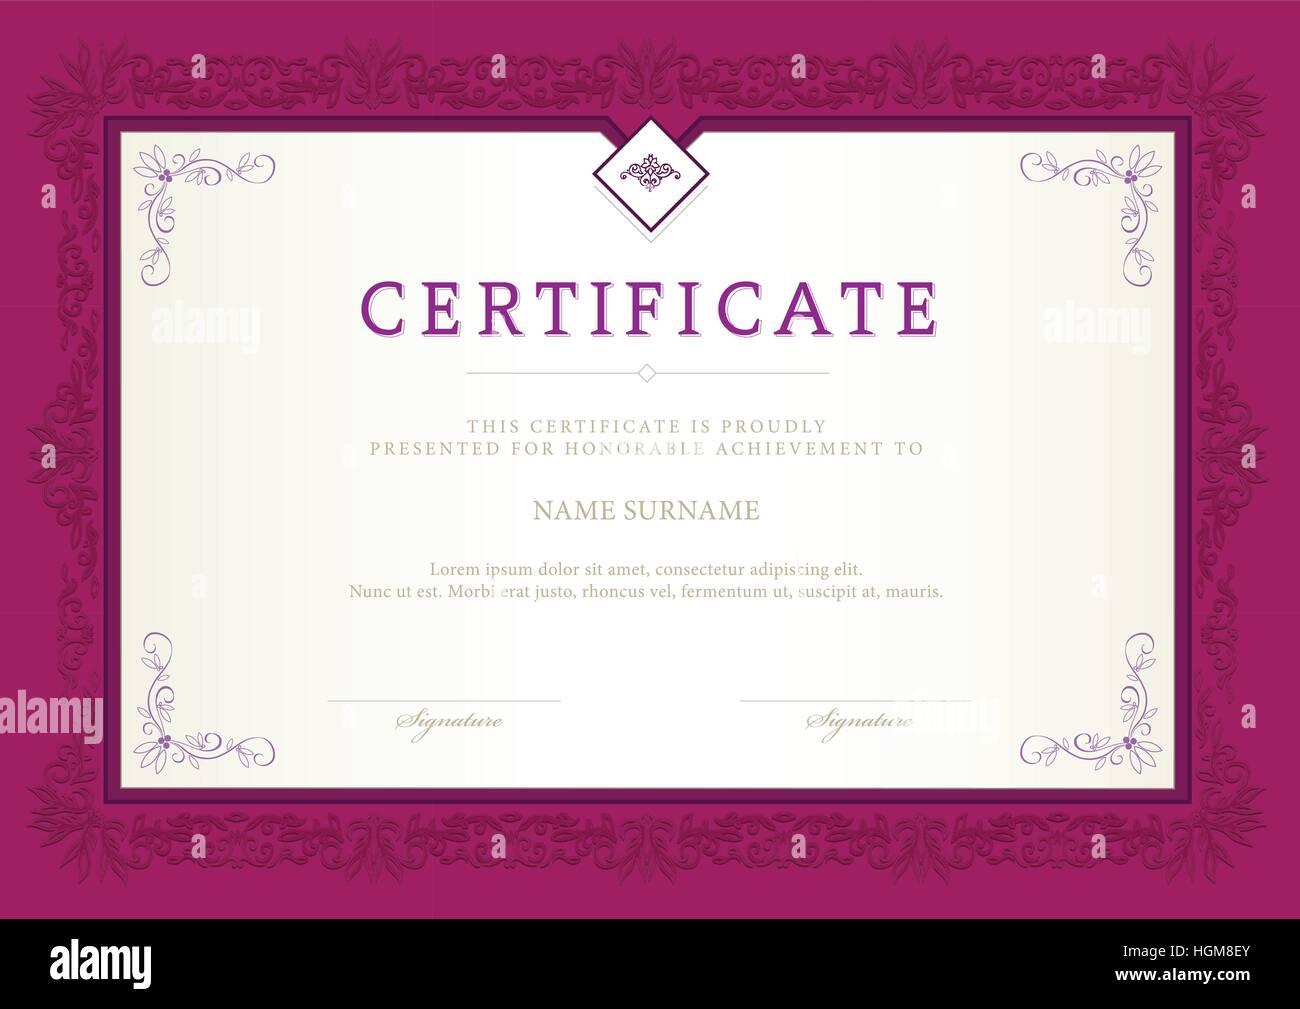 Tolle Echtheitszertifikat Vorlagen Fotos - Entry Level Resume ...